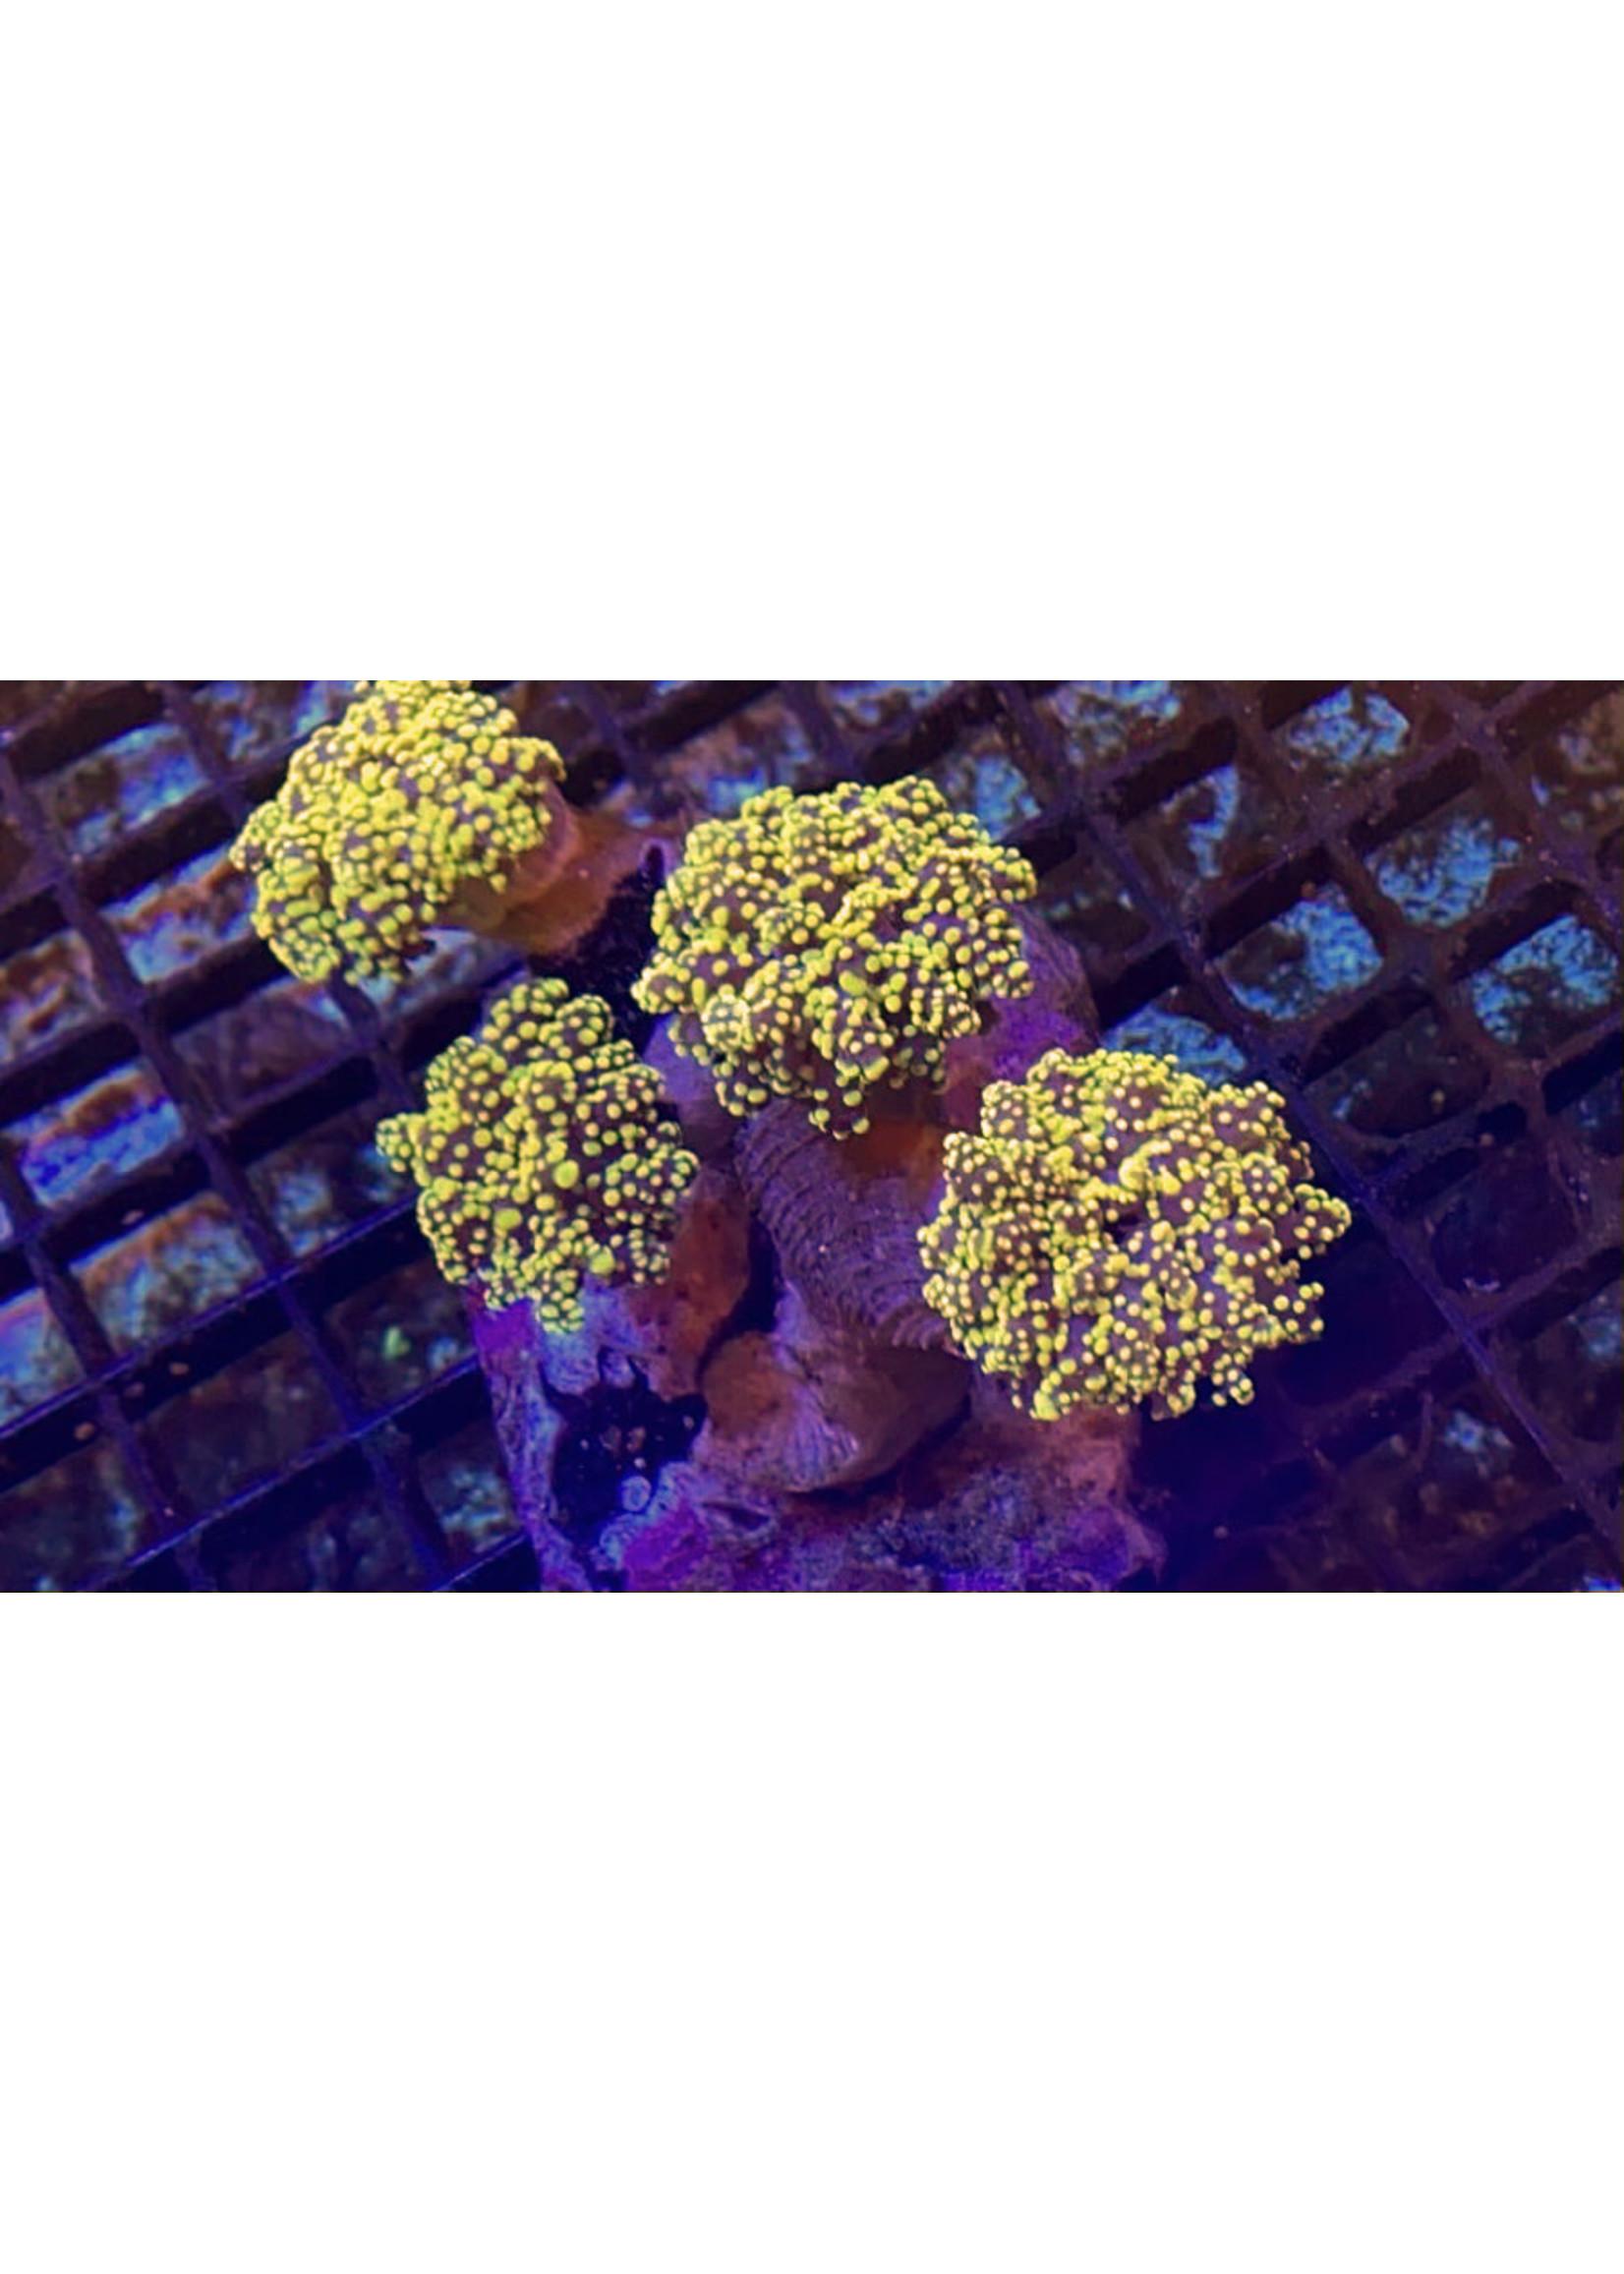 Frogspawn Kupang Frogspawn Coral  WYSIWYG